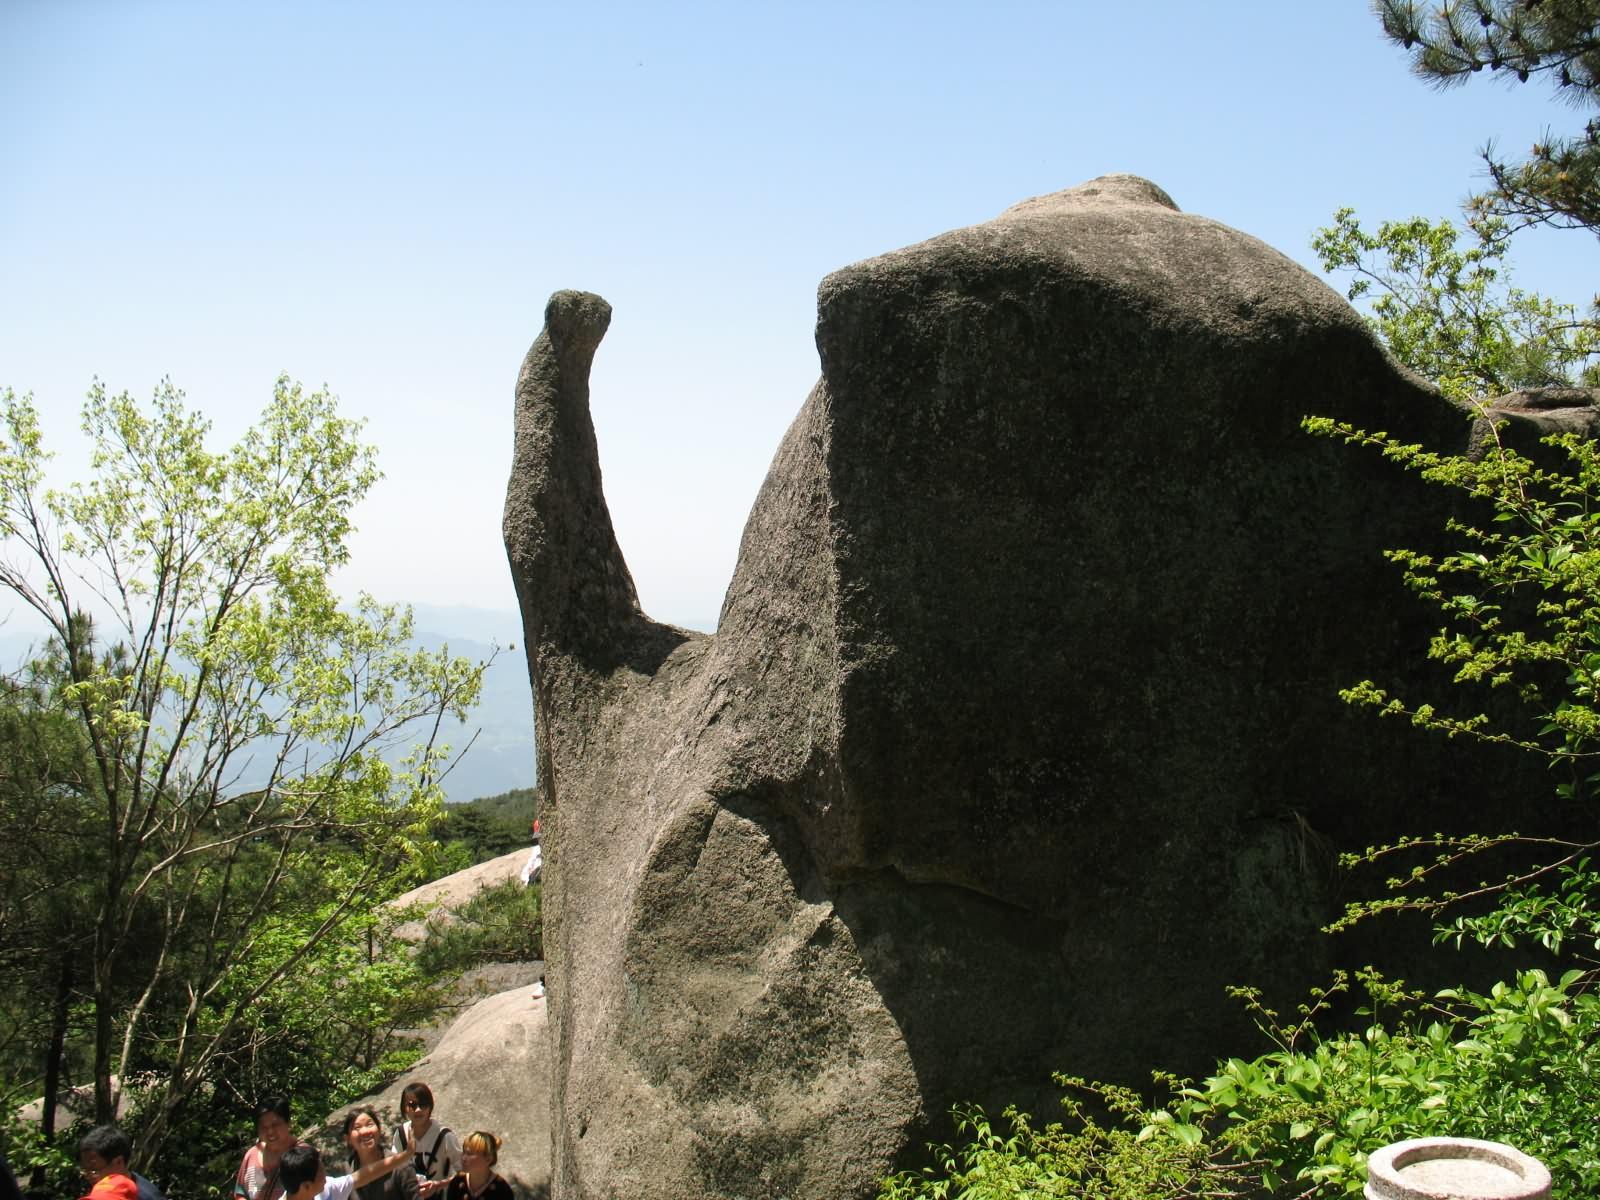 天柱山在哪_第一次旅游——天柱山怪石美图 | 我爱蒲公英